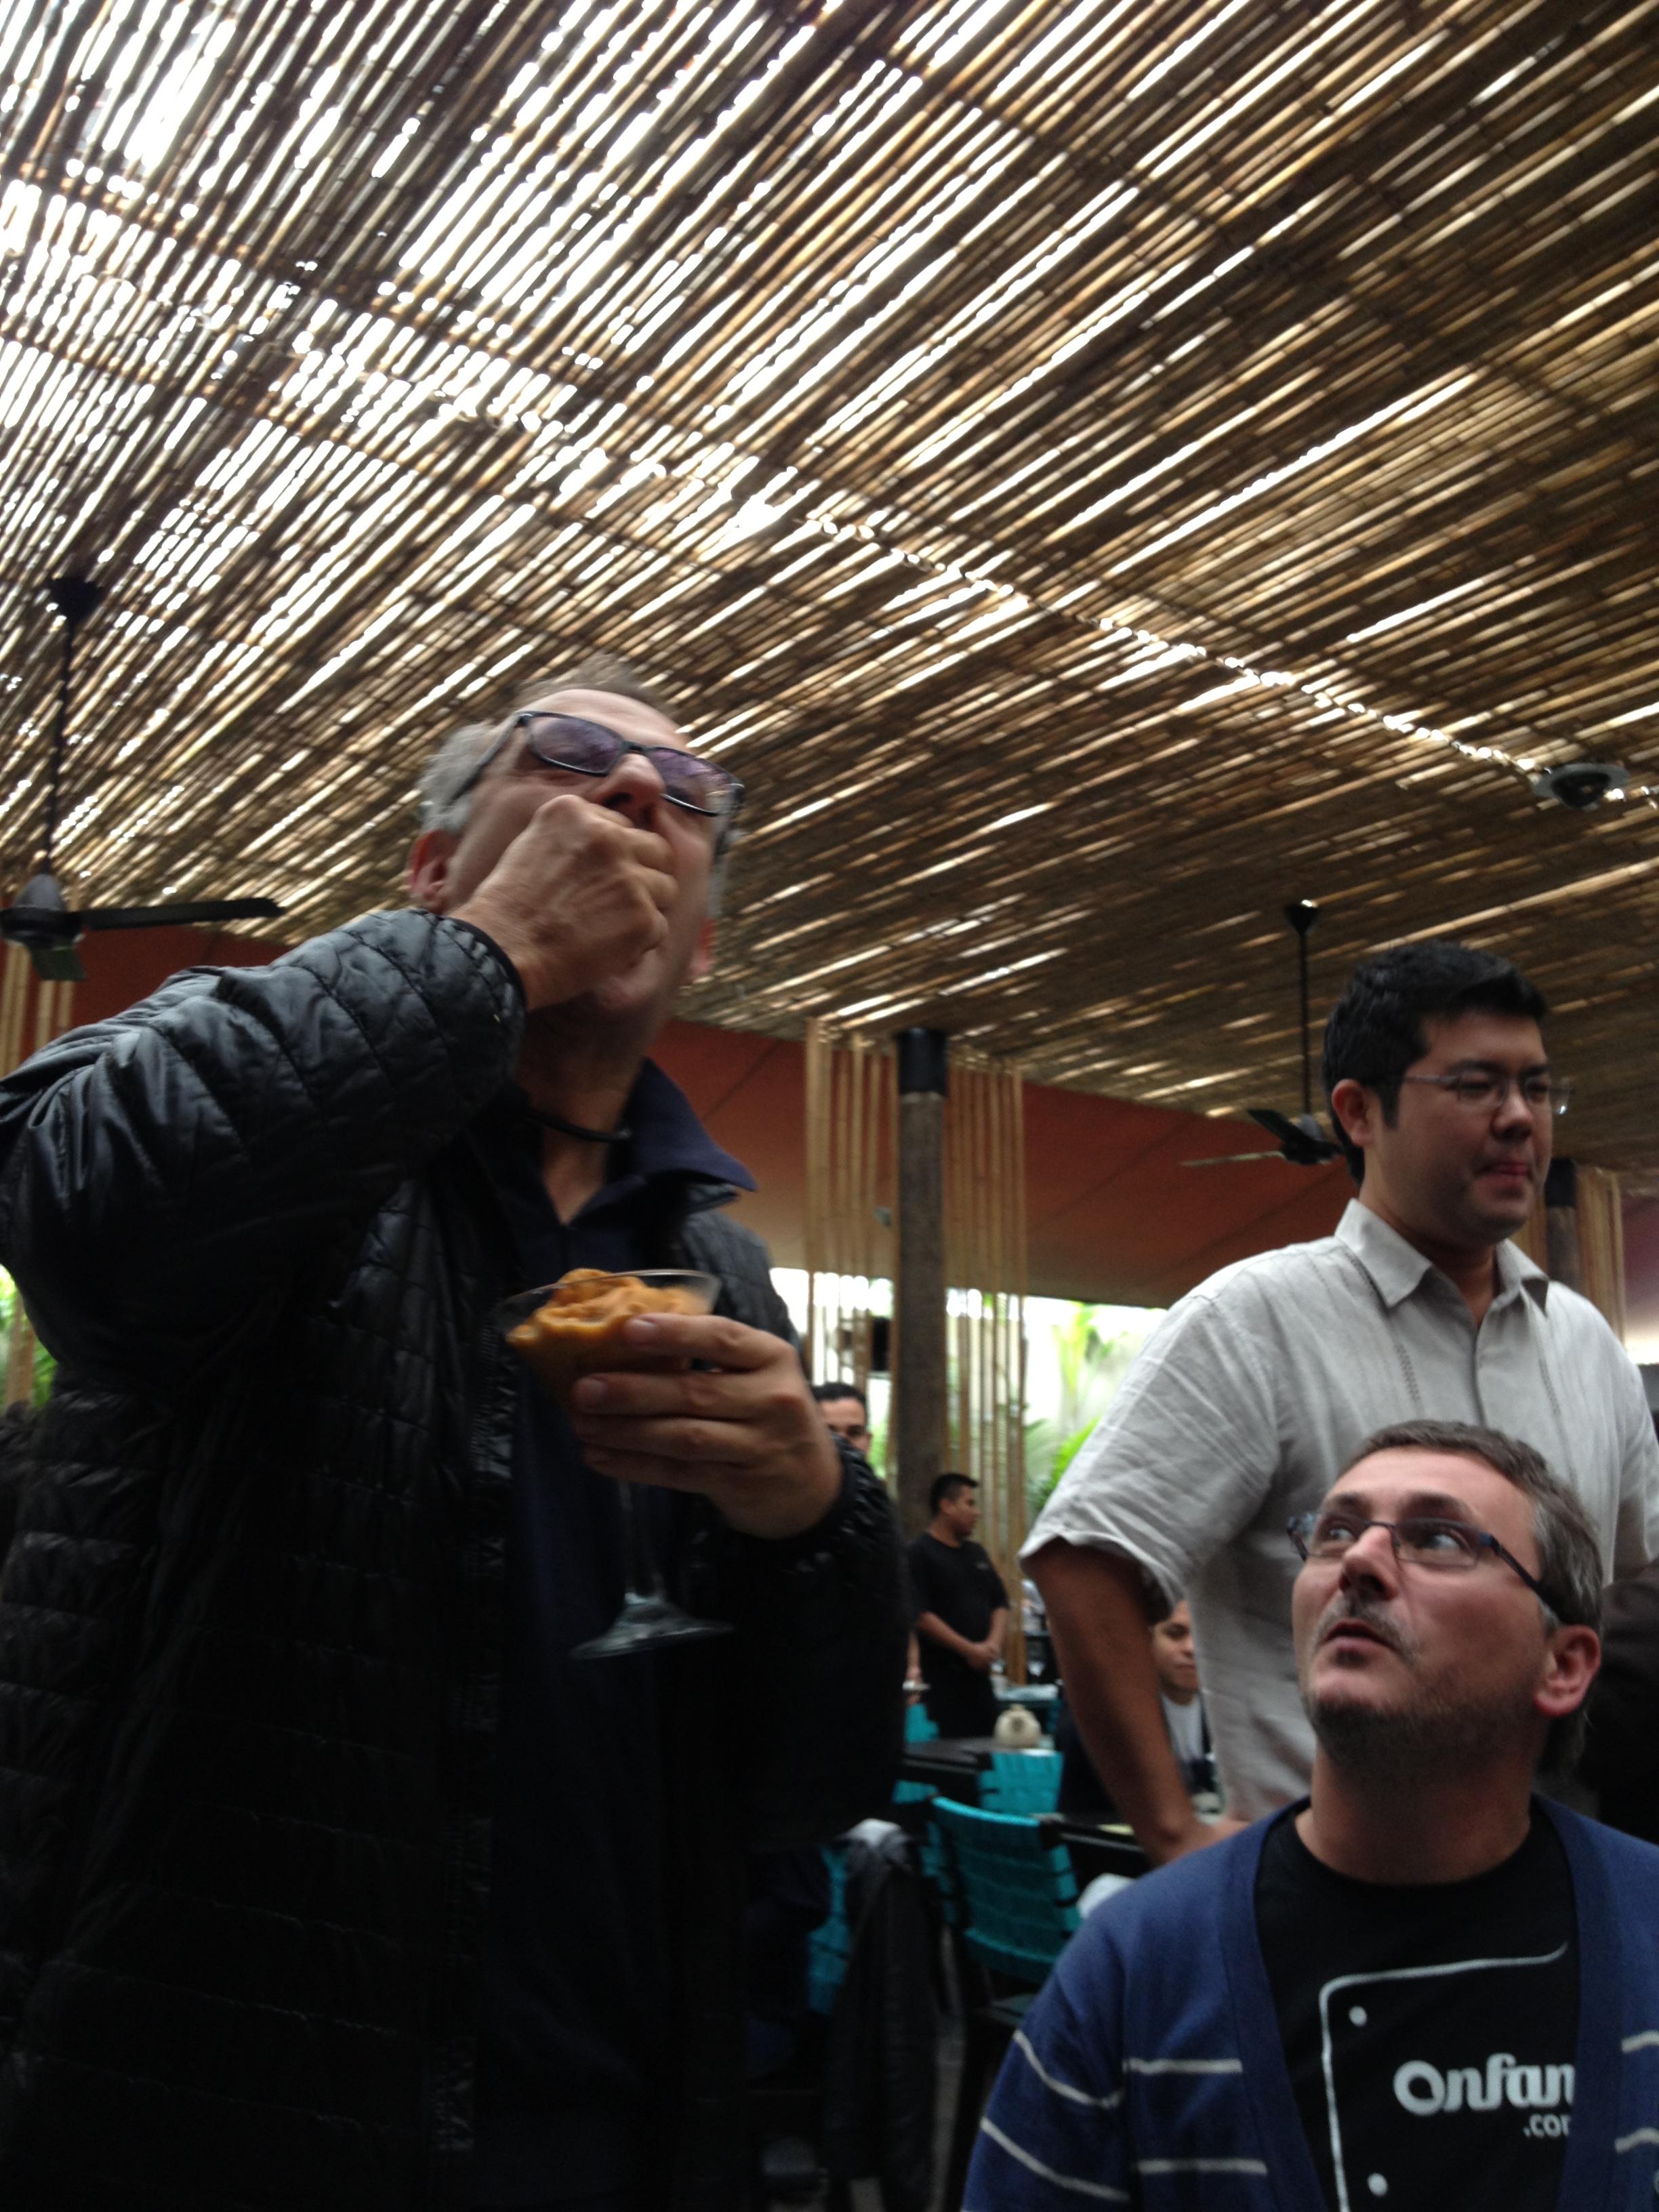 El chef italiano Massimo Botura disfrutando de su copa de erizos en el restaurante La Mar de su amigo Gastón Acurio.